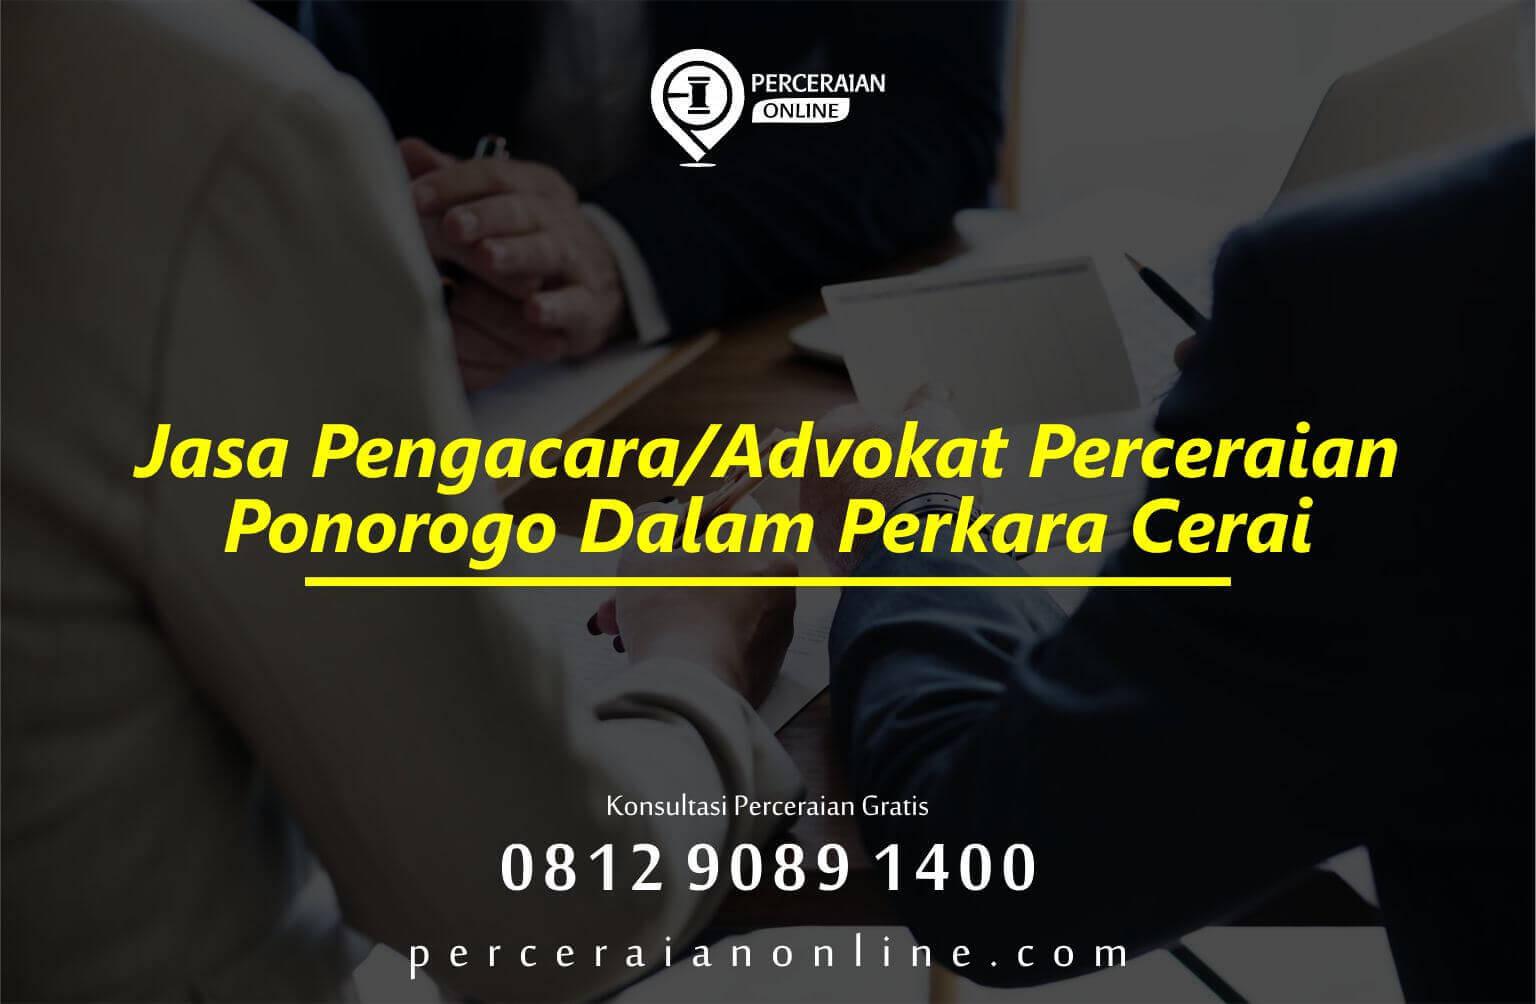 Jasa Pengacara Atau Advokat Perceraian Ponorogo Dalam Perkara Cerai